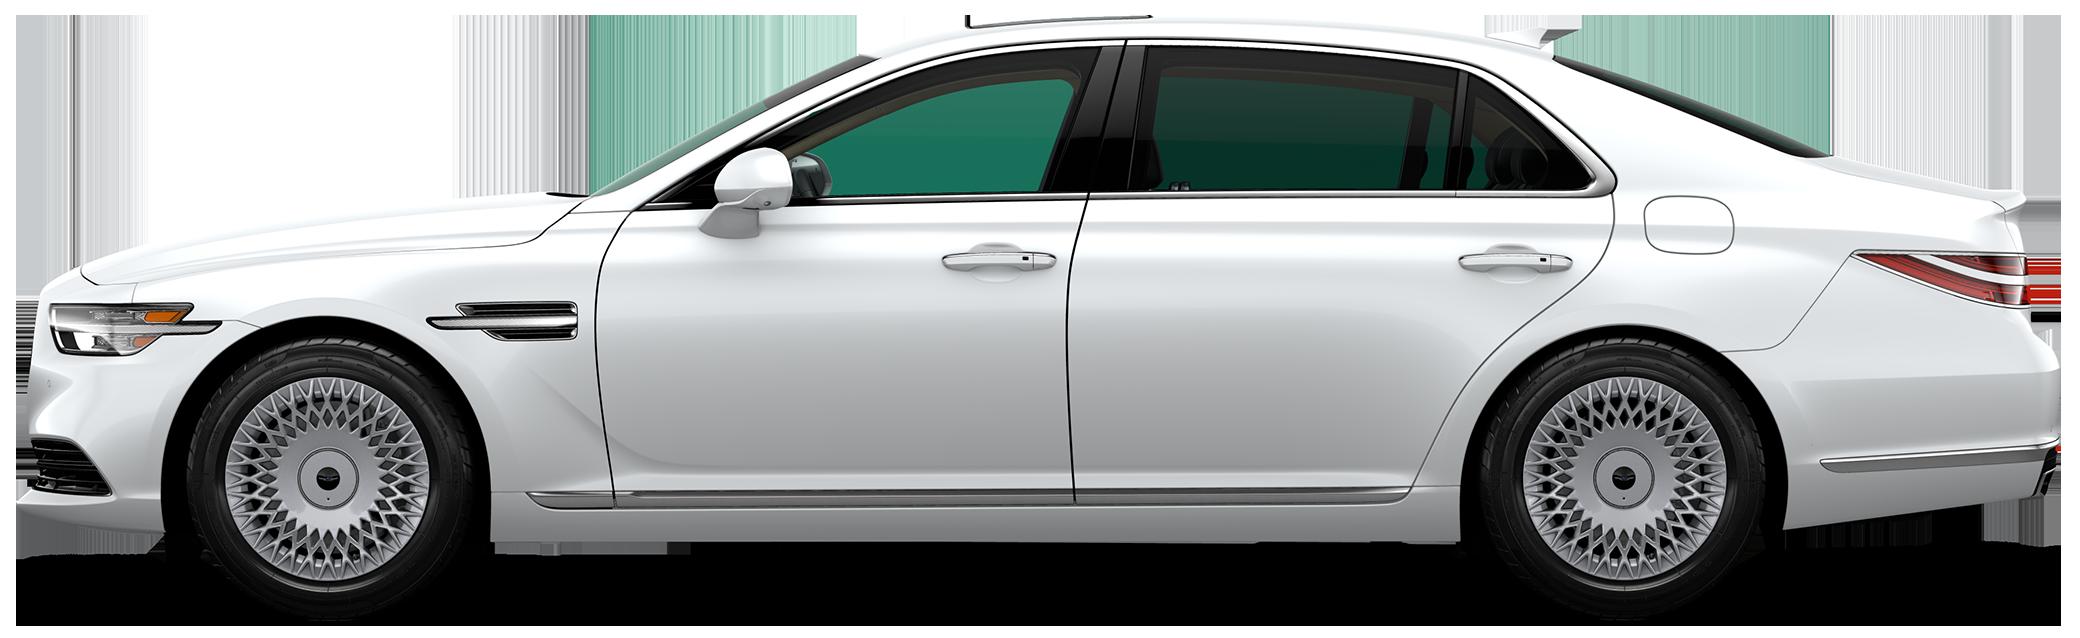 2021 Genesis G90 Sedan 5.0 Ultimate